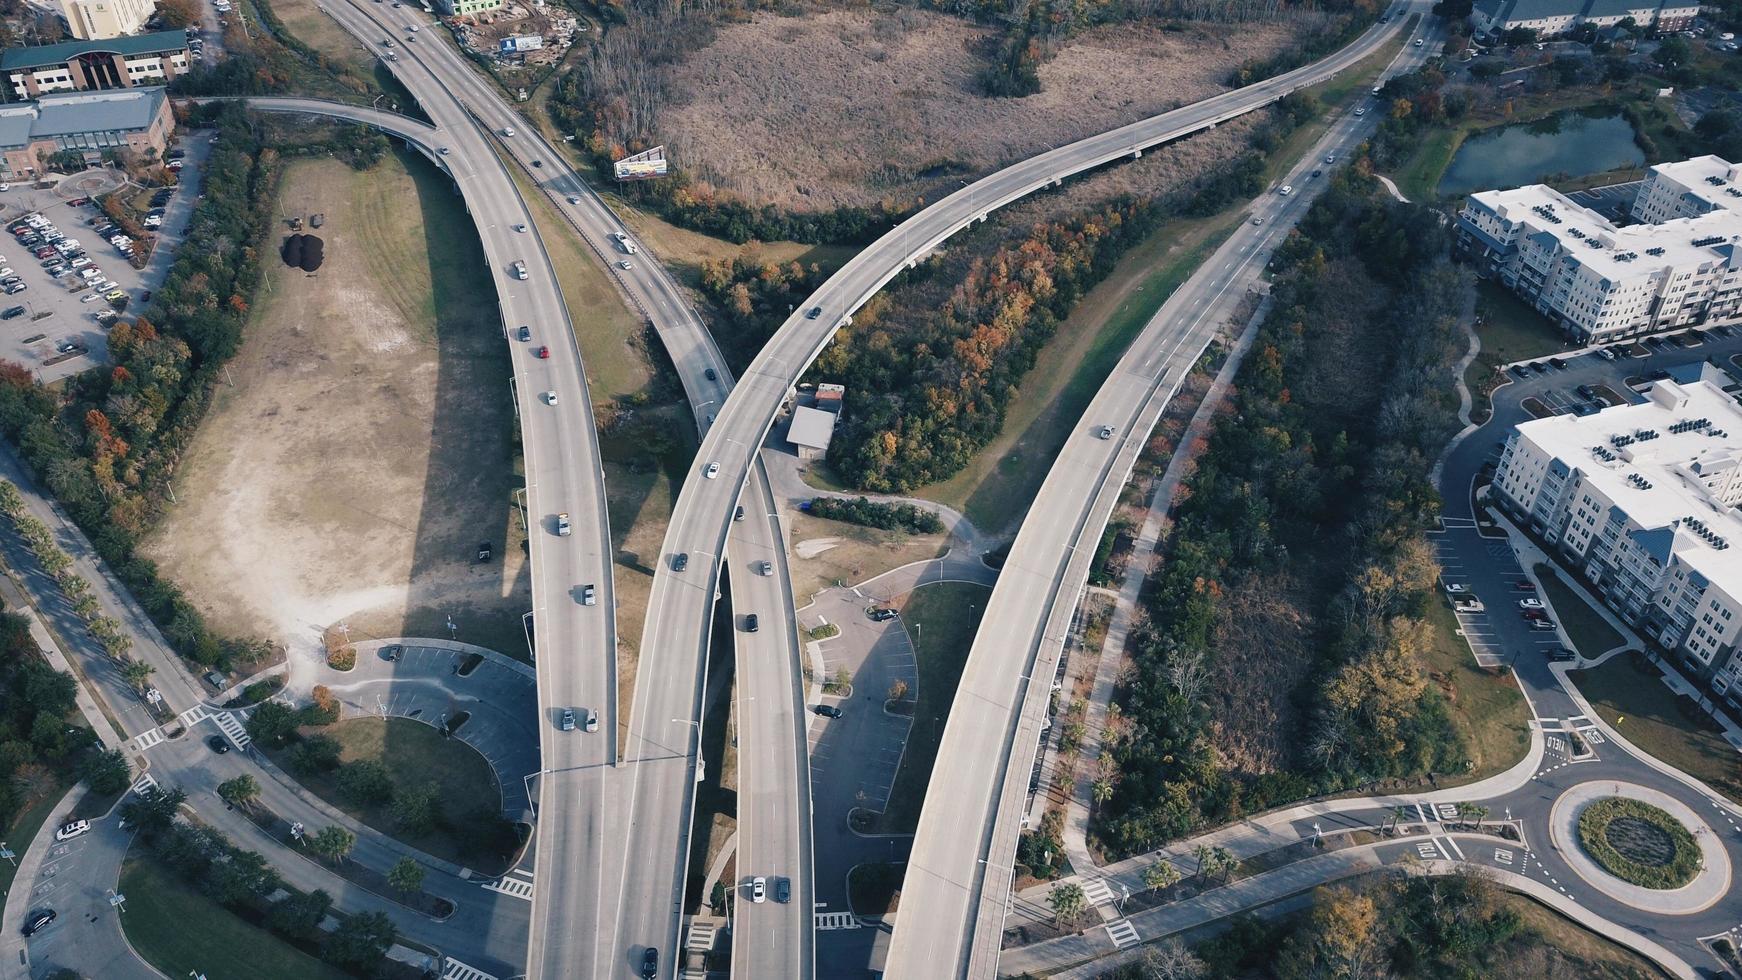 traffico su strade in cemento foto